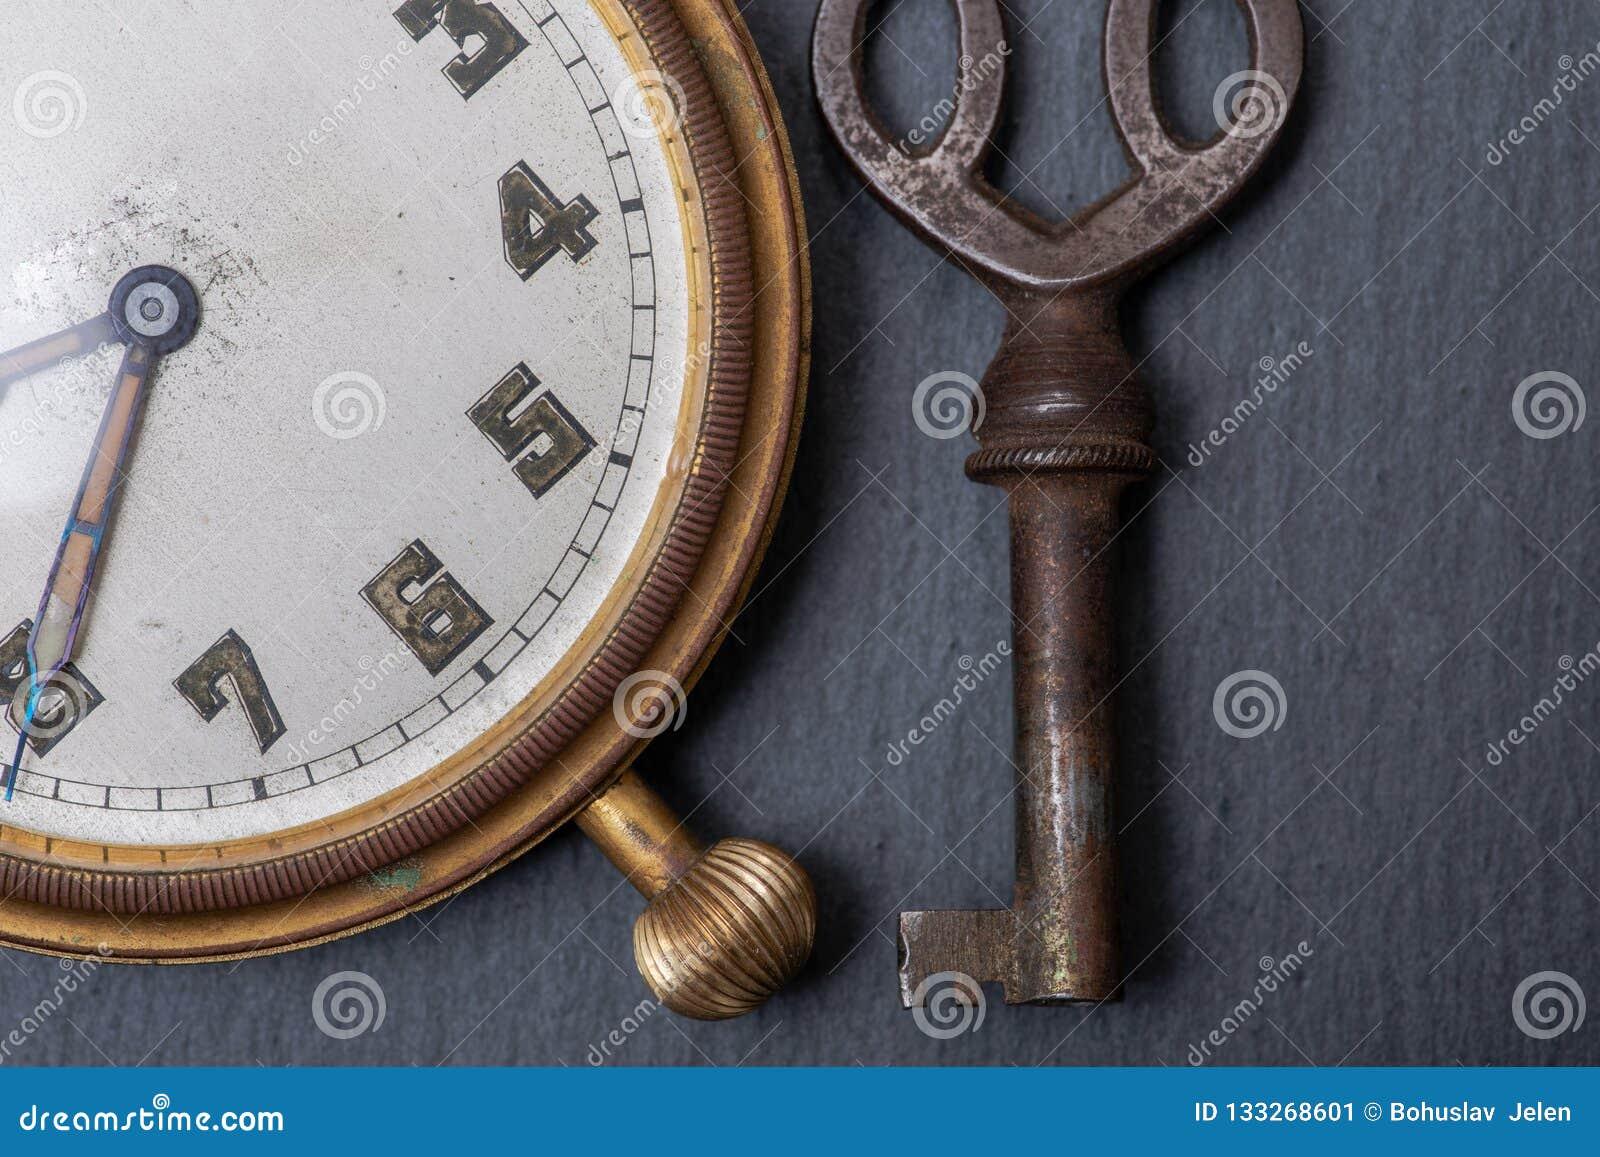 Del Reloj Llave Rhei De PantaVieja Antigua Concepto Y 76gybYfv